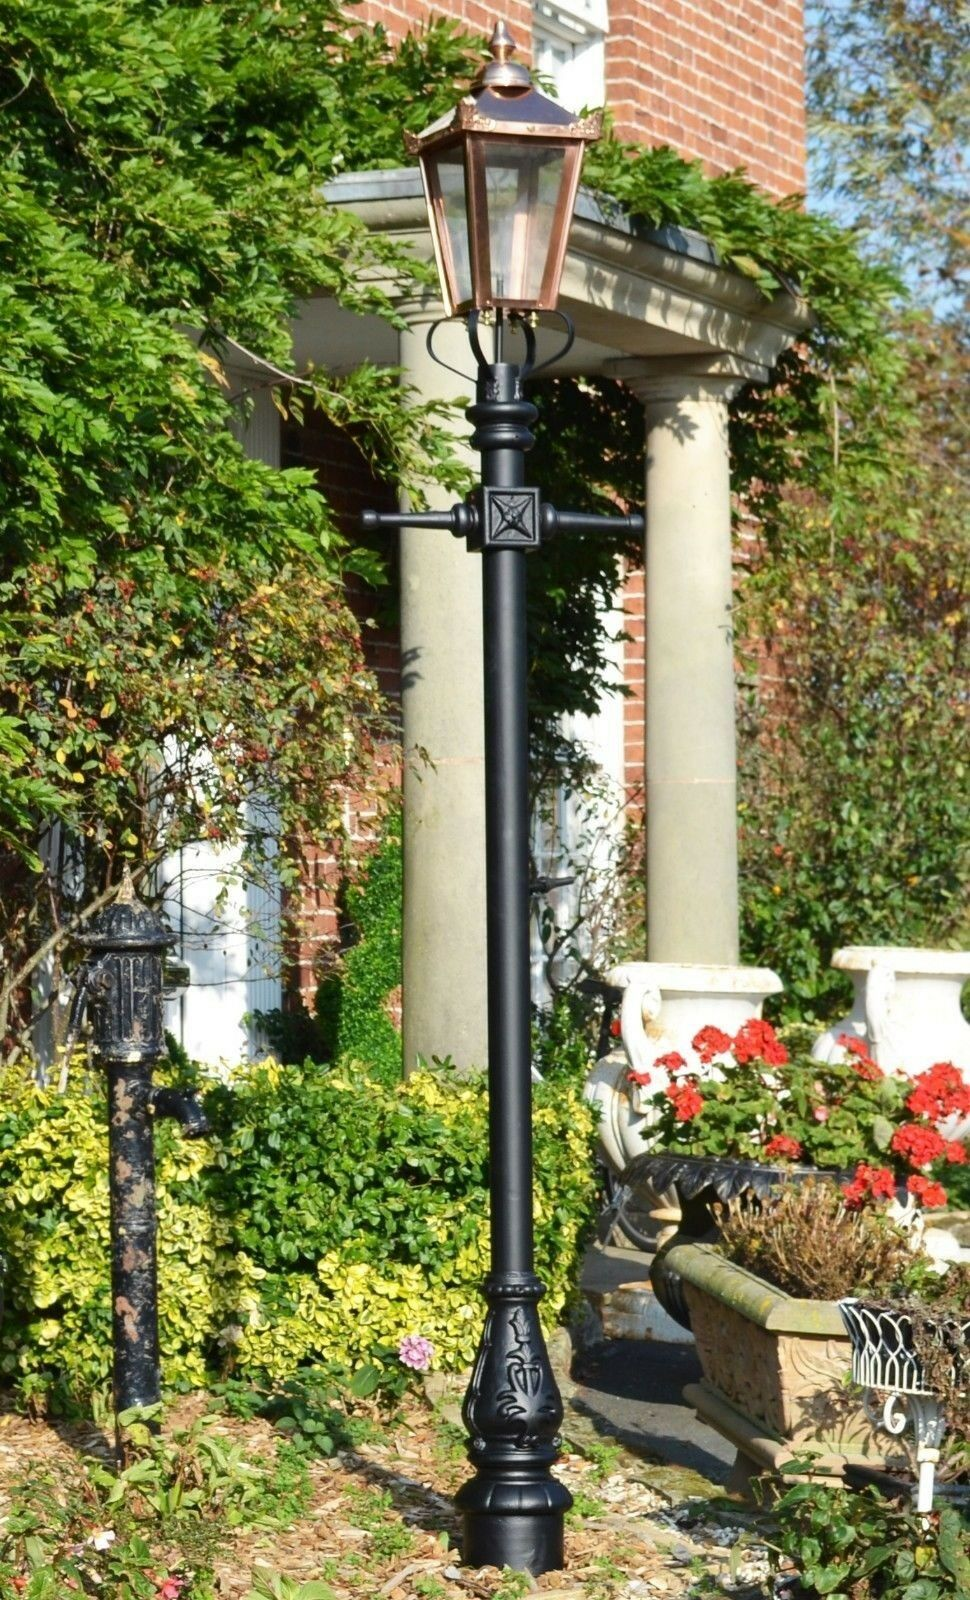 Ex-DisJugar Usado 2.7m Lámpara de jardín victoriano de hierro fundido de cobre Post + linterna Set